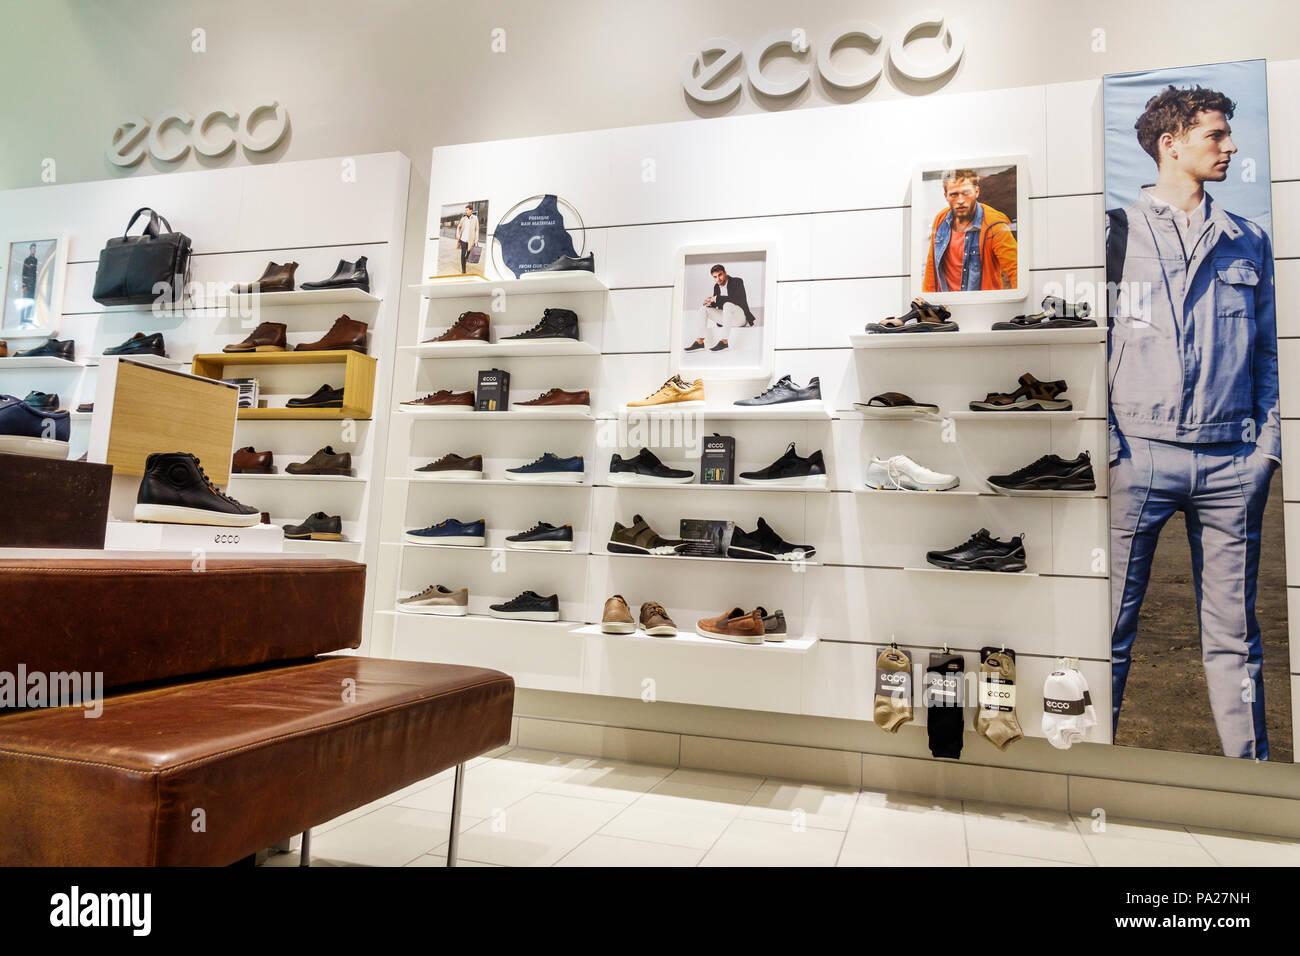 38ddb017e Orlando Florida Mall at Millenia comercial minorista danés ECCO zapato  calzado mostrar el interior de la tienda zapatos de hombre